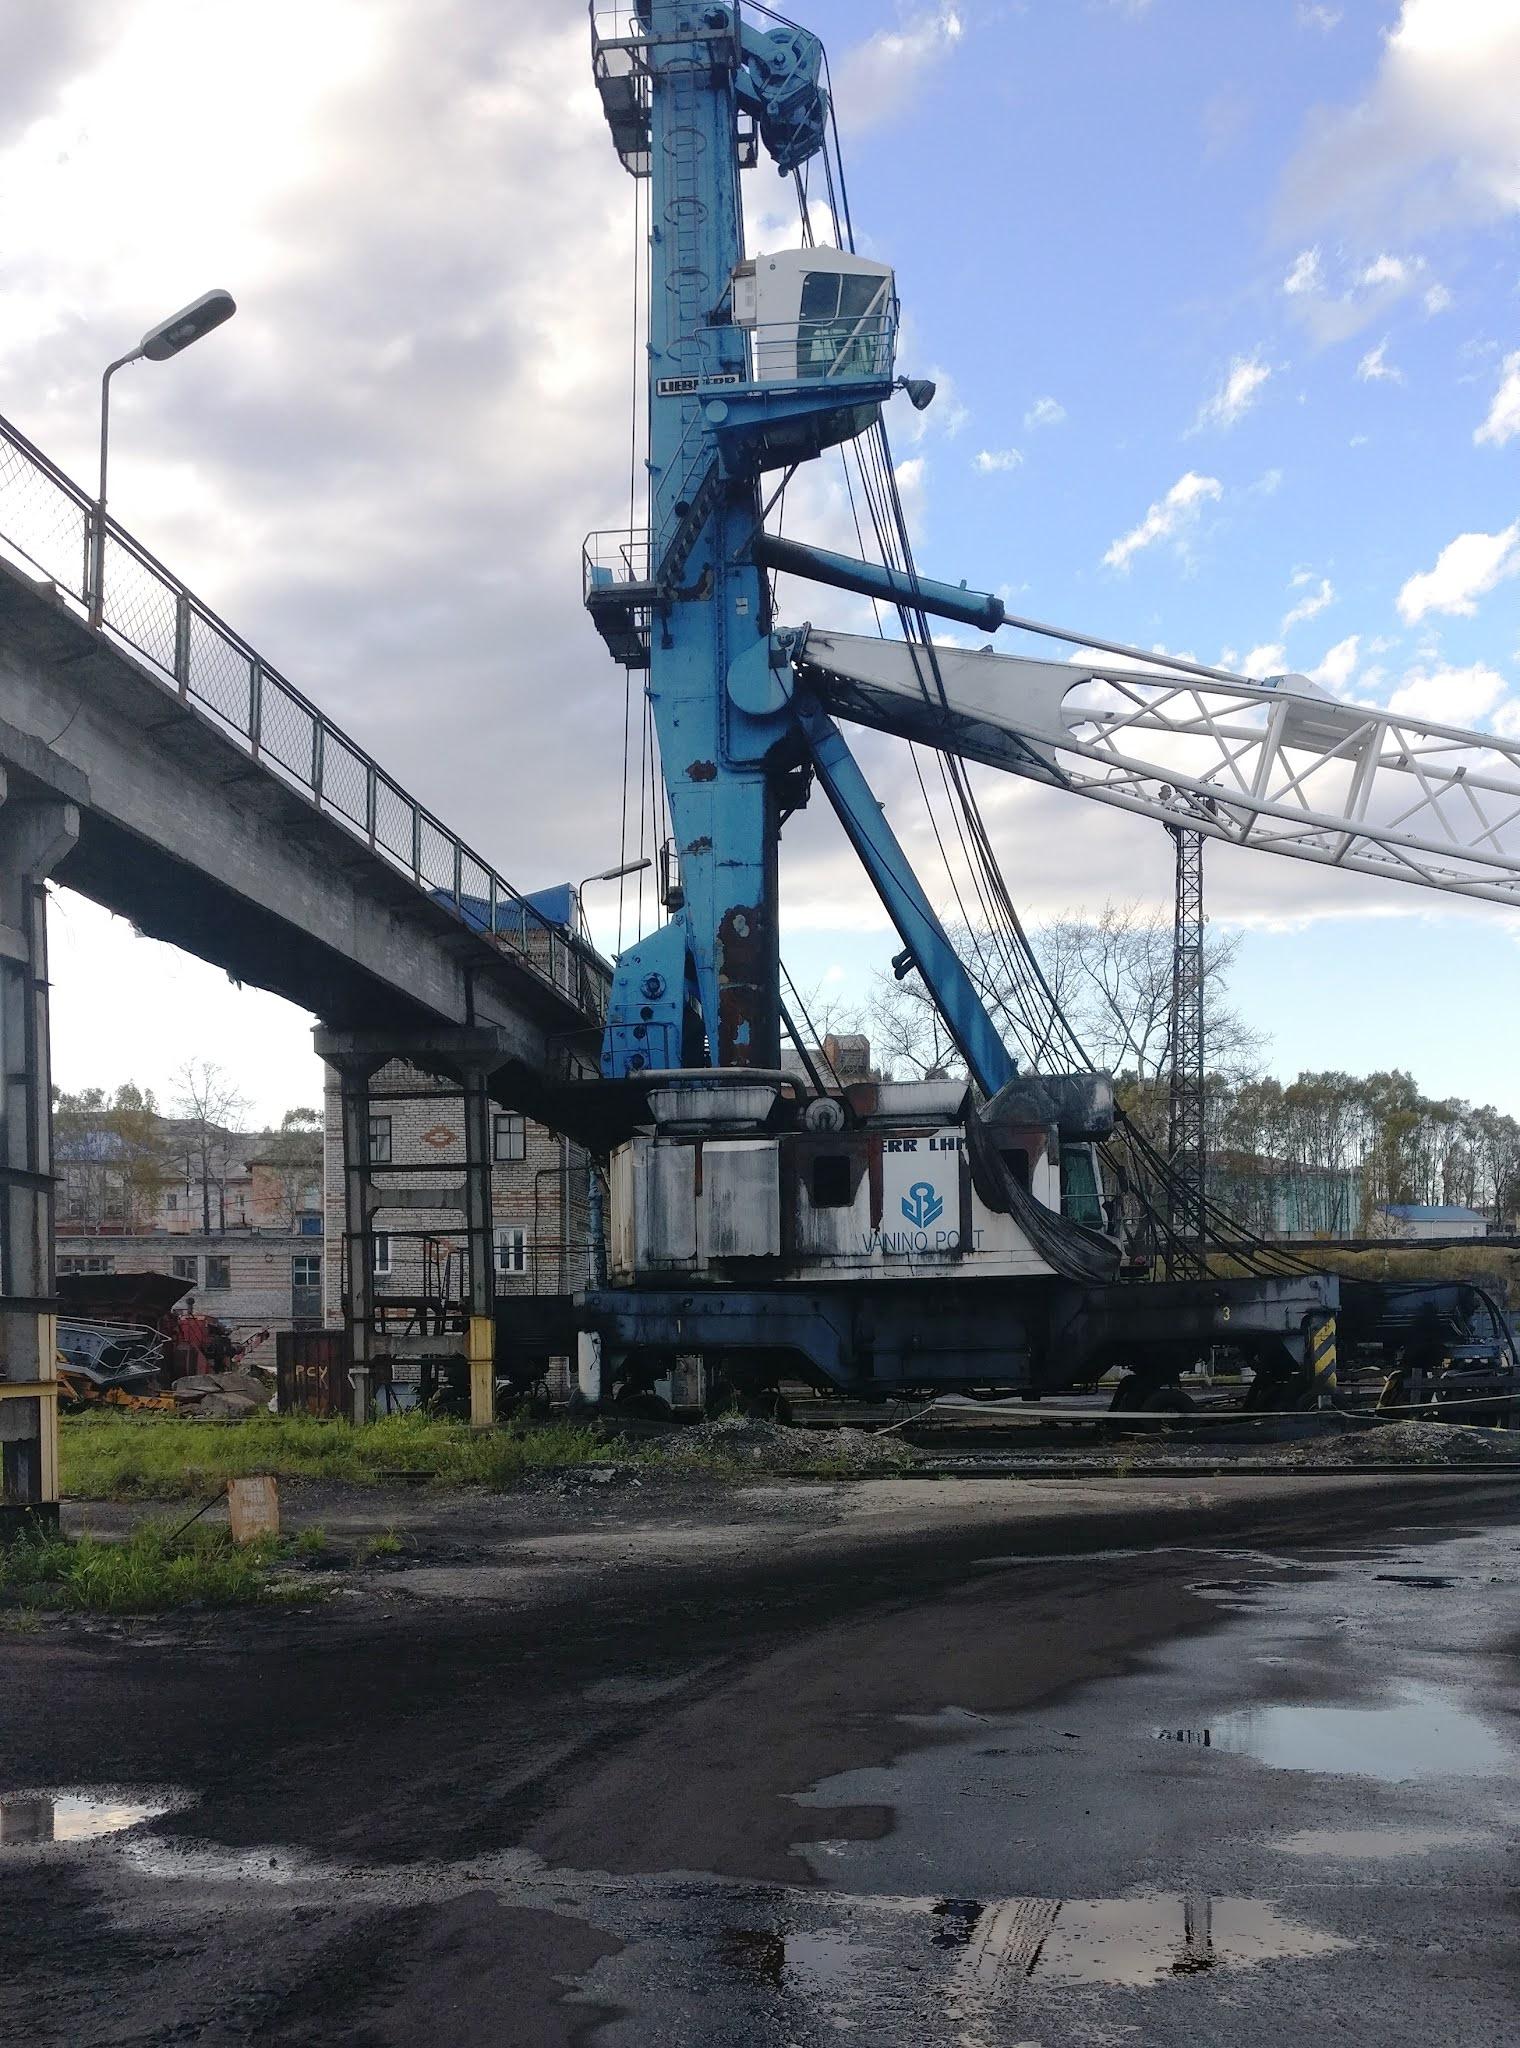 liebherr в порту Ванино © www.vaninonews.ru